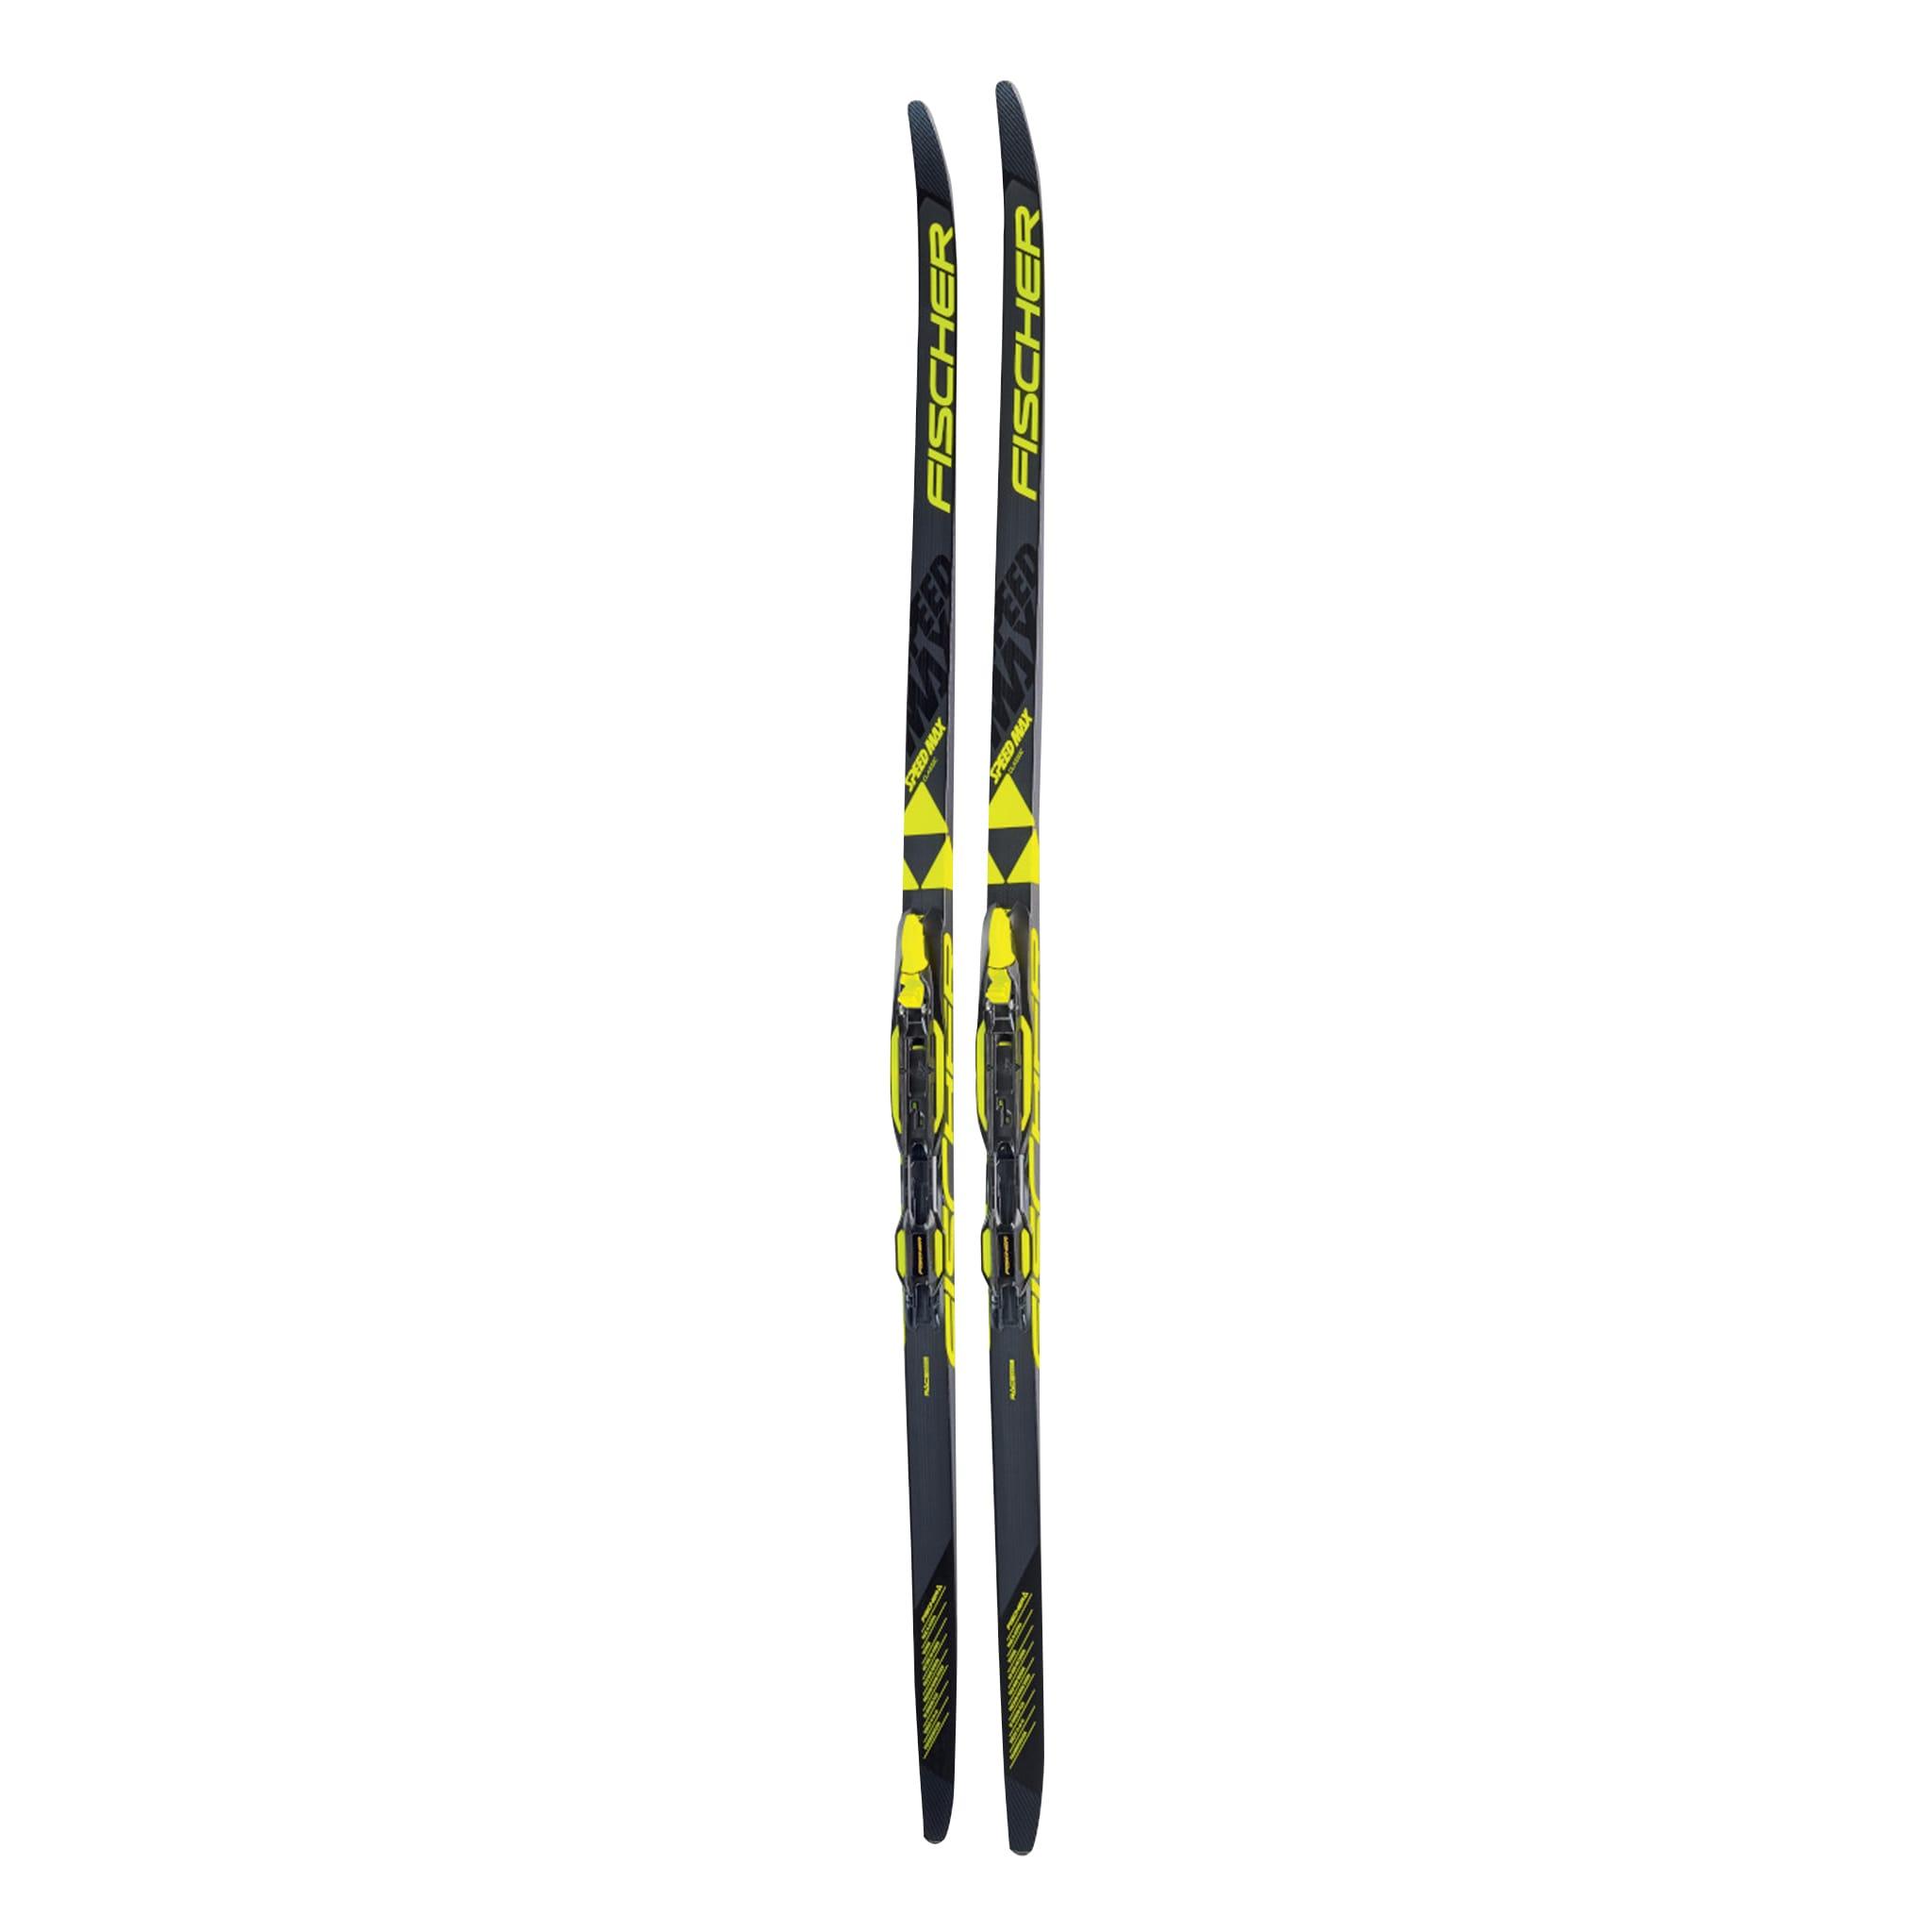 Klassisk ski for morgendagens helter!